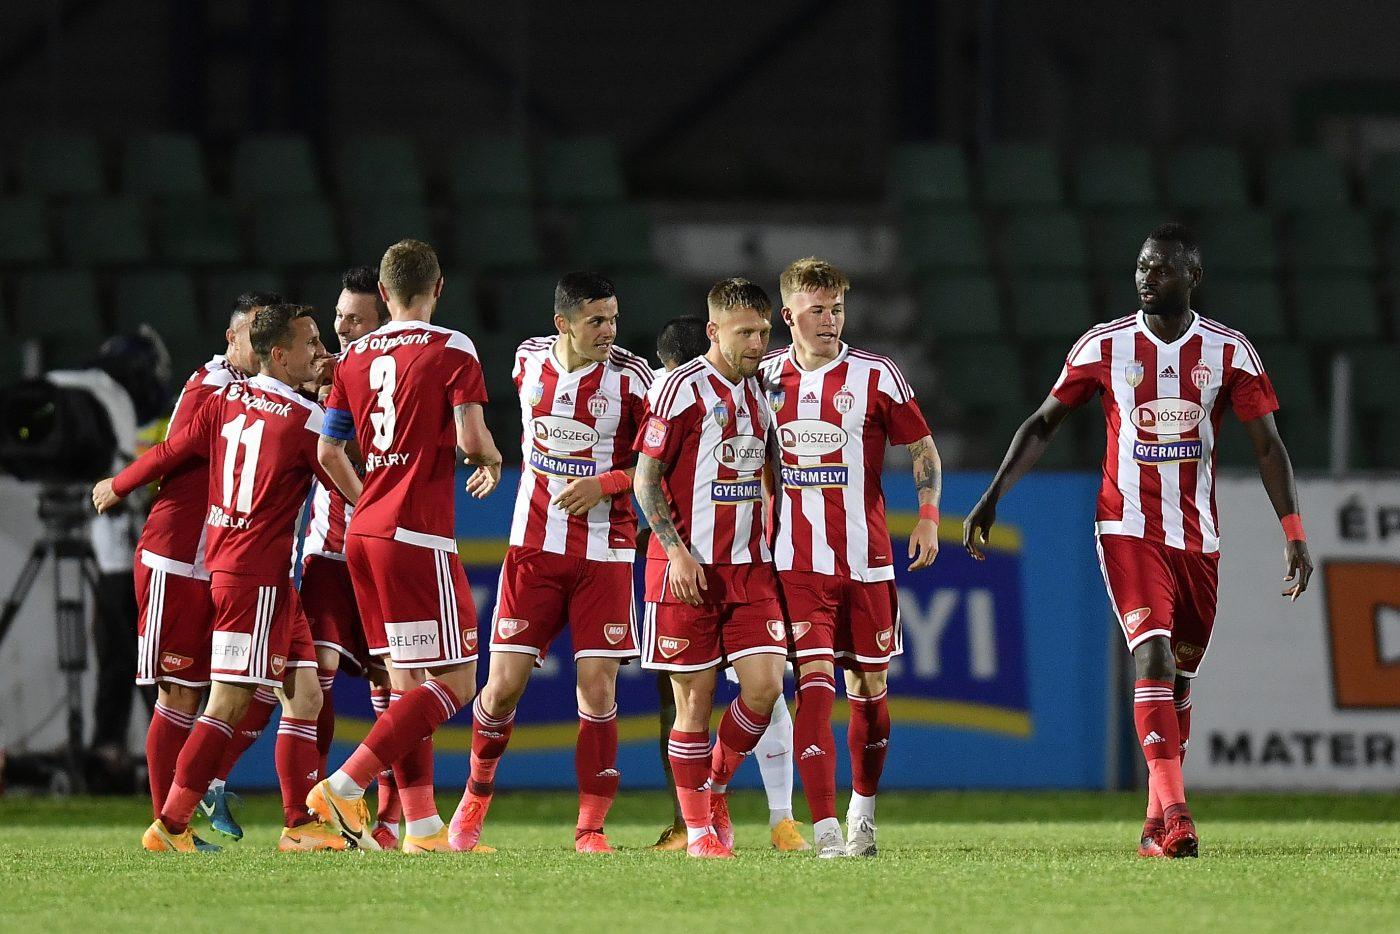 Sepsi Sfântu Gheorghe – Spartak Trnava, de la ora 19:30, Live Video Online, în turul II preliminar din Conference League | Echipele de start